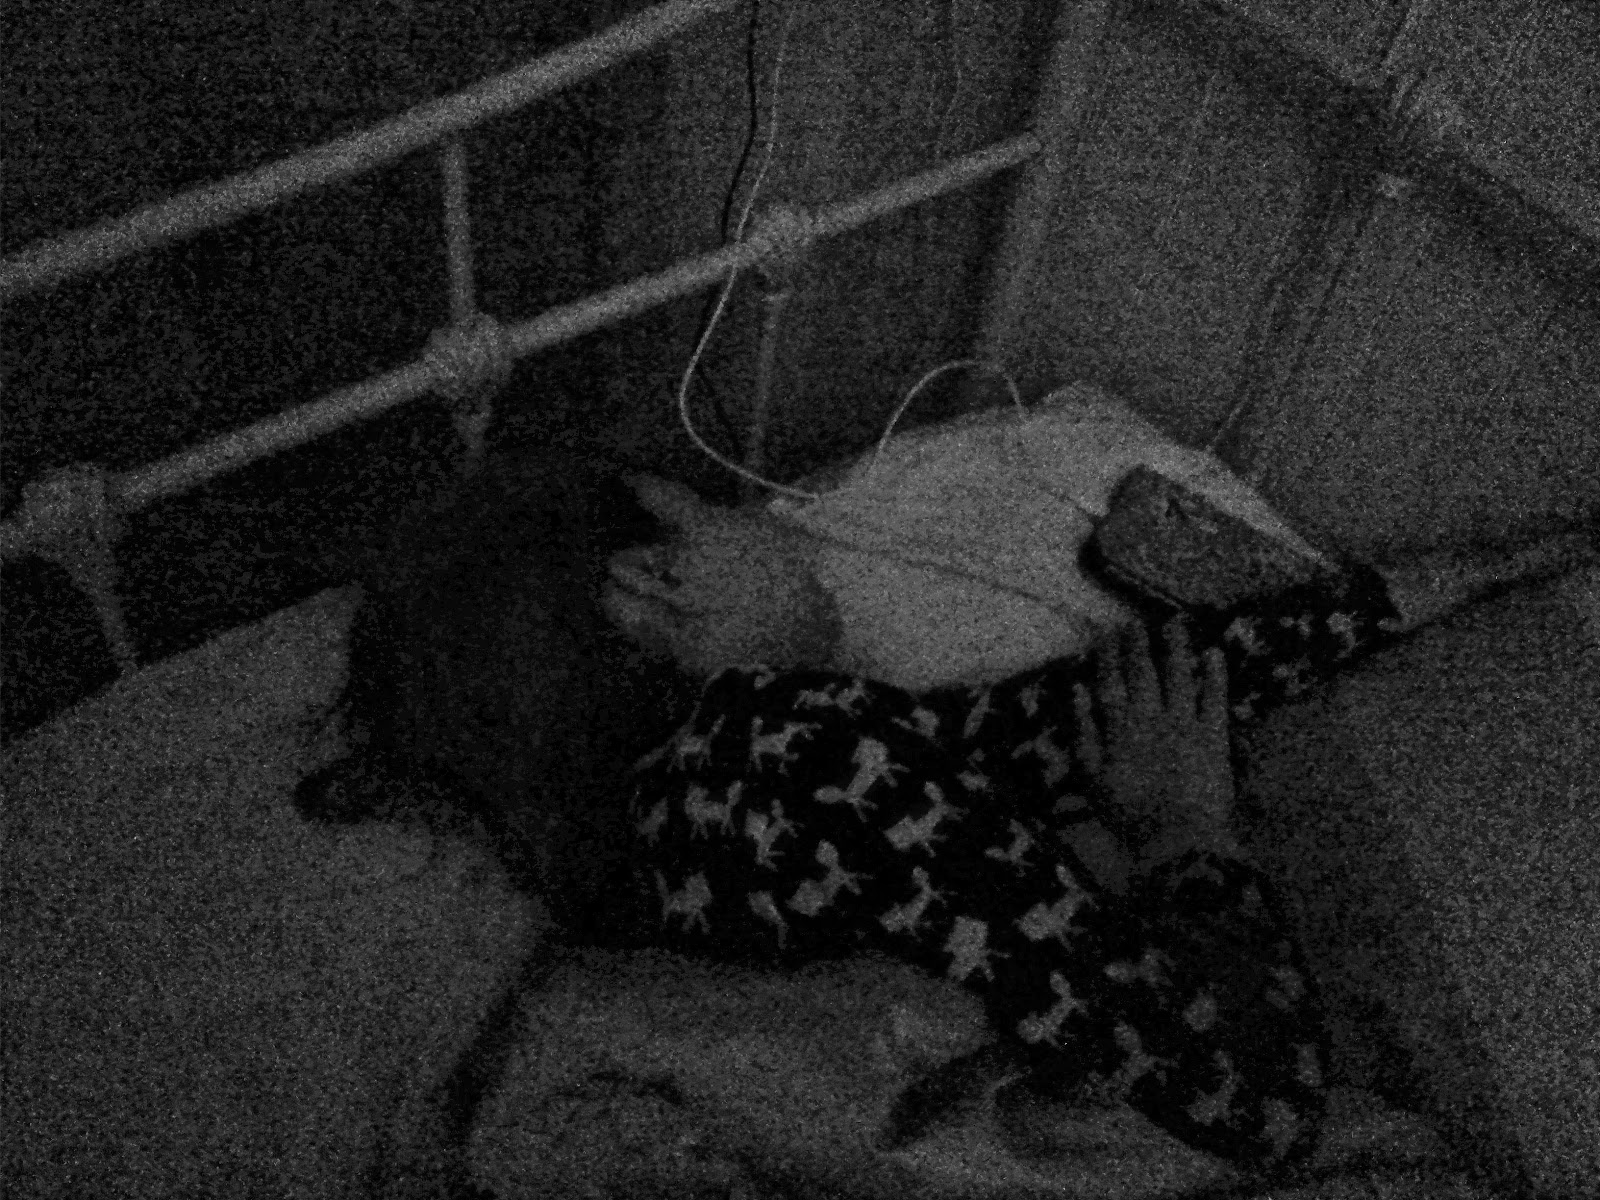 Top Ender in Top Ender's bed